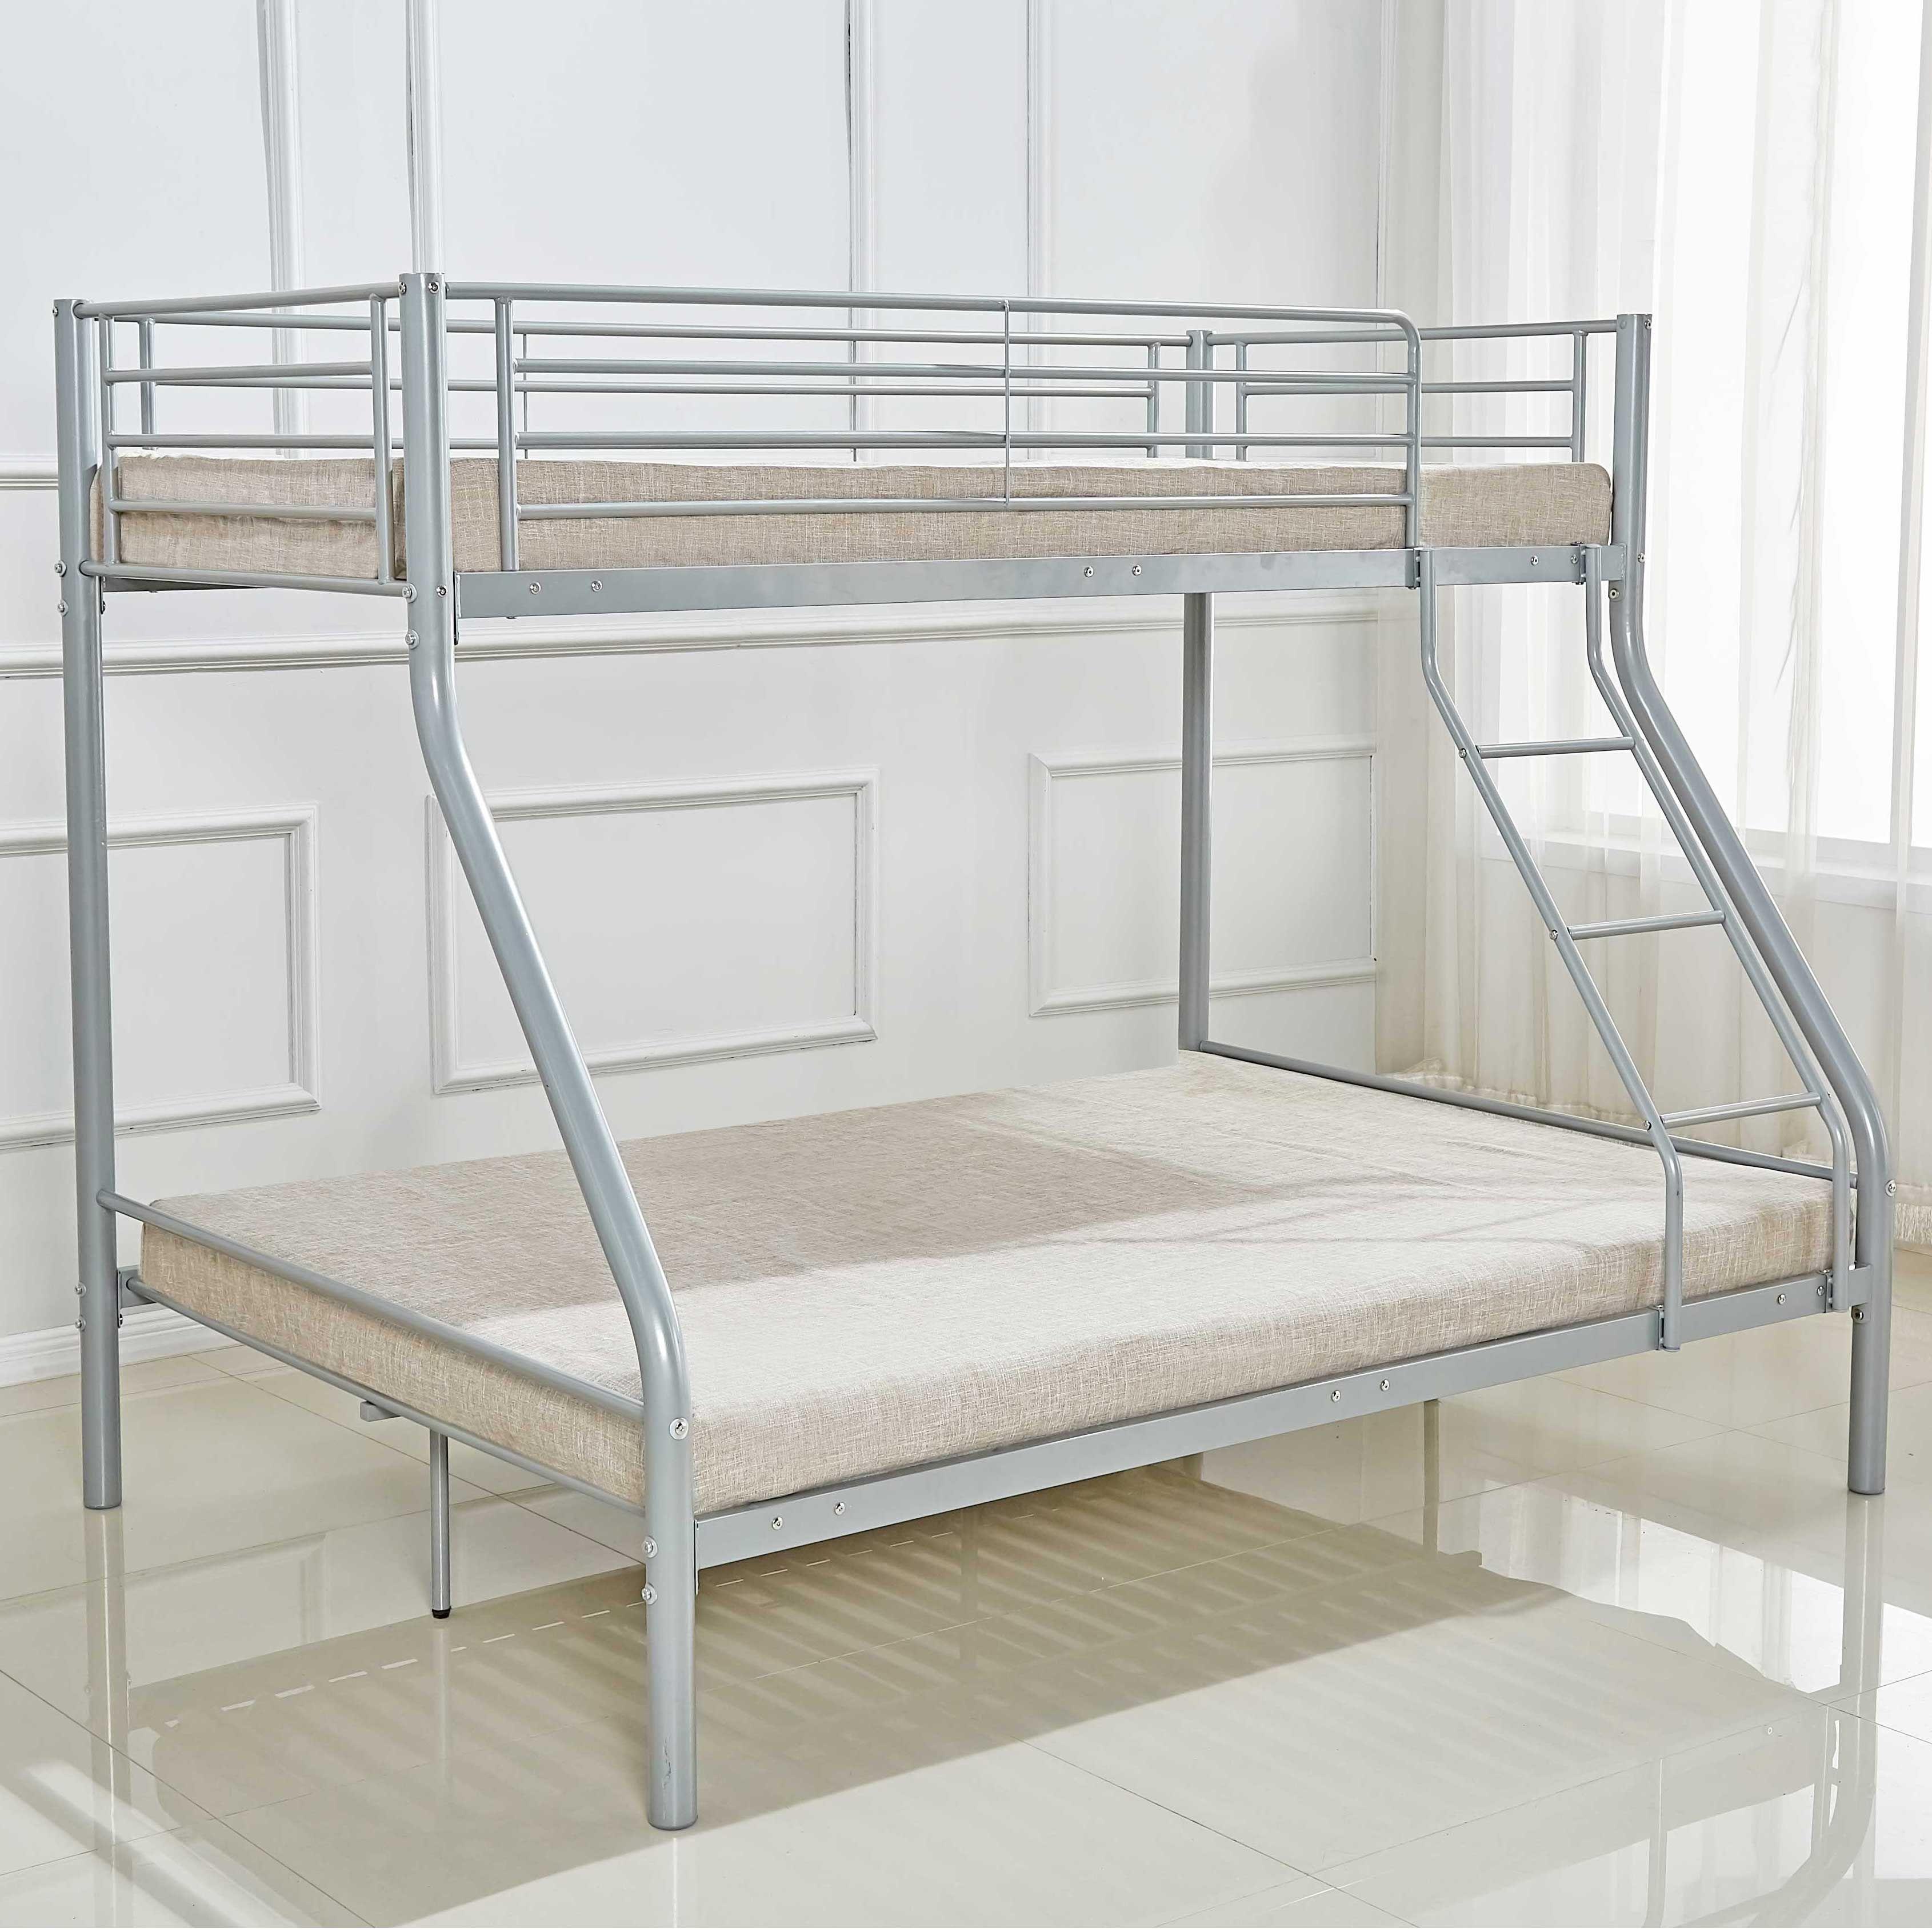 lit superpose pour 3 personnes en metal trio 90 140